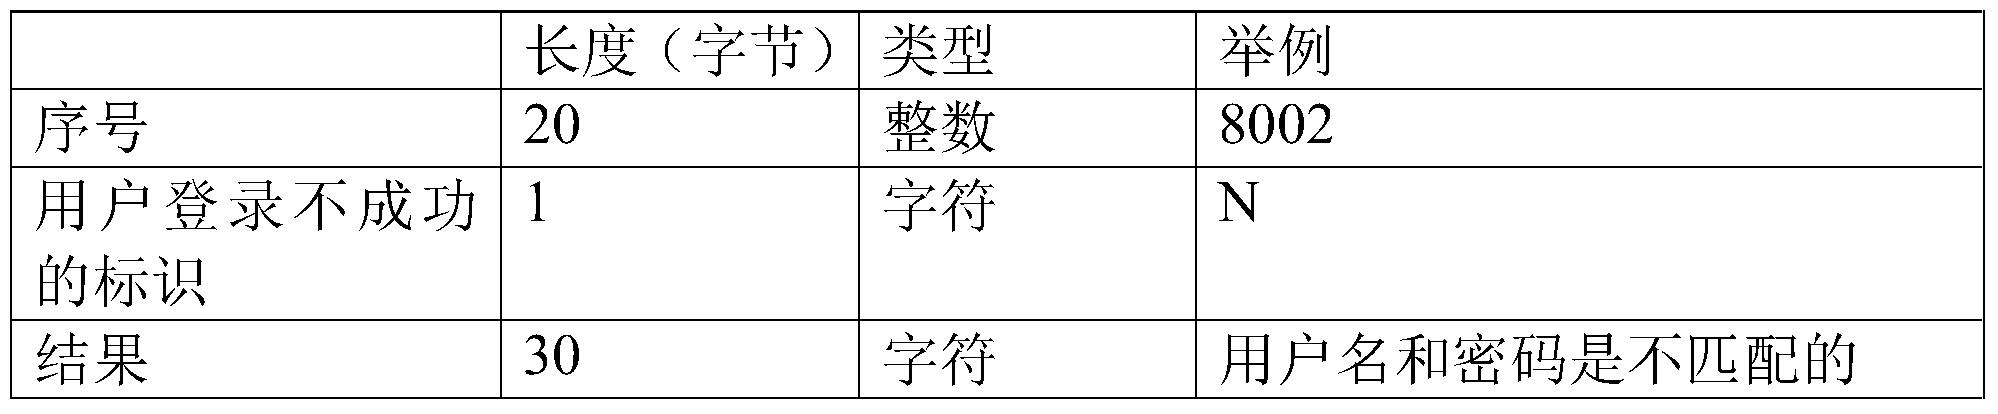 Figure PCTCN2017071103-appb-000002